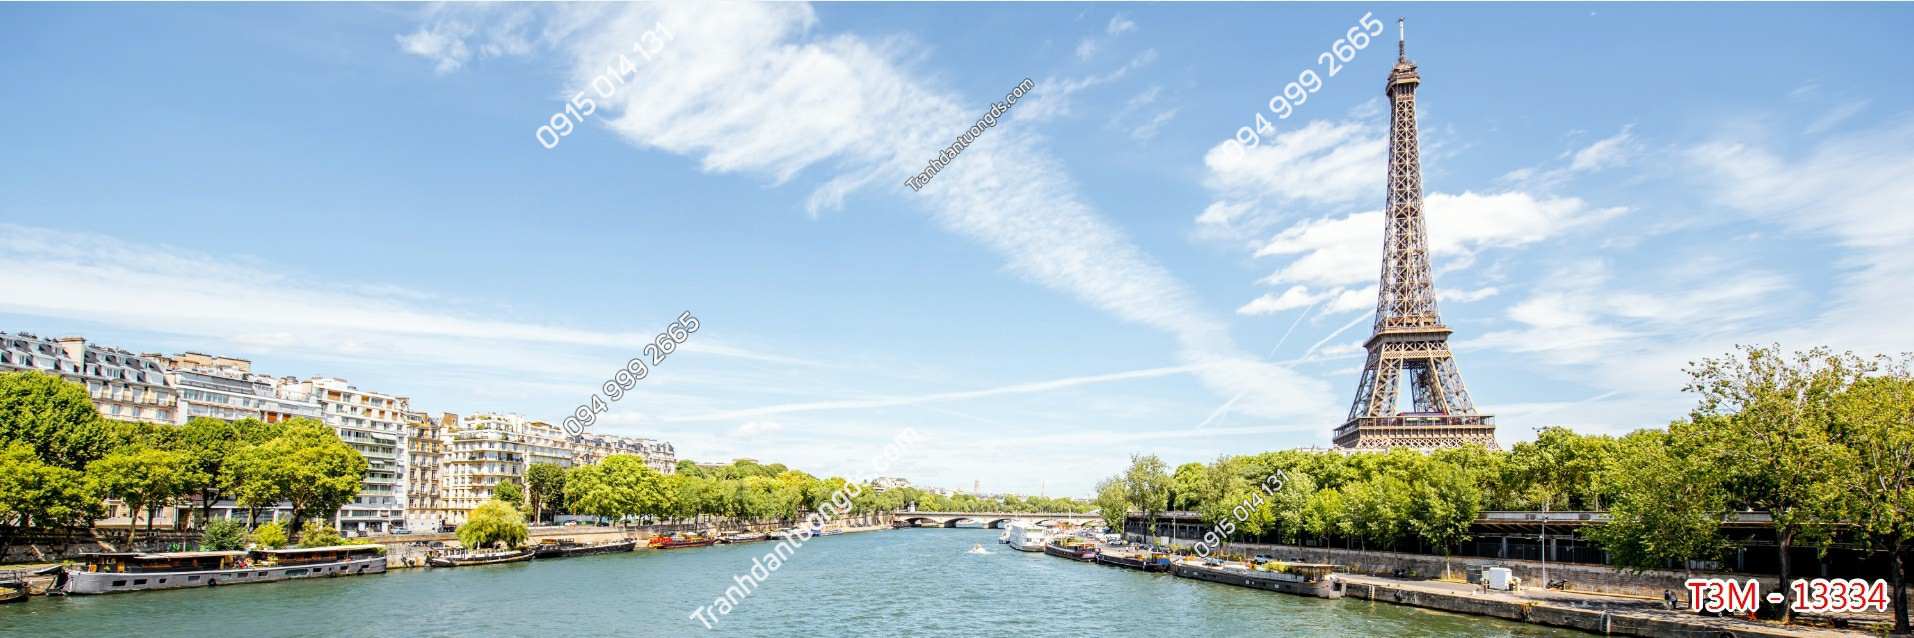 Tranh dán tường tháp Eiffel khổ dài - 13334 demo